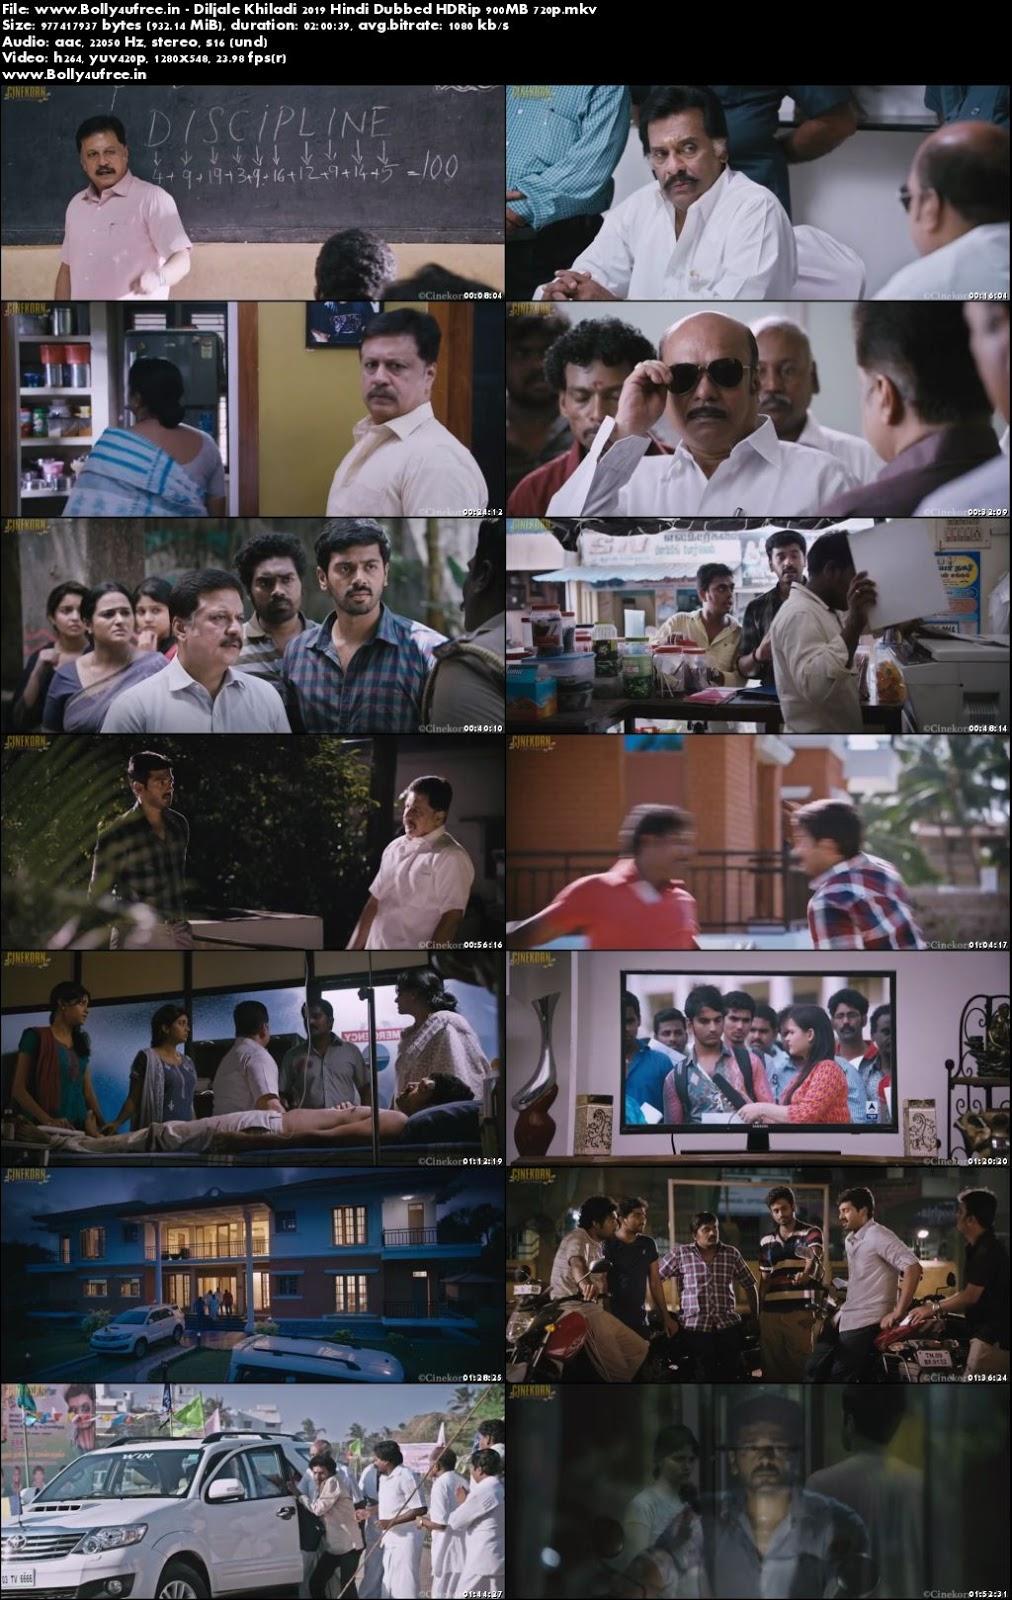 Diljale Khiladi 2019 Hindi Dubbed HDRip 900MB 720p